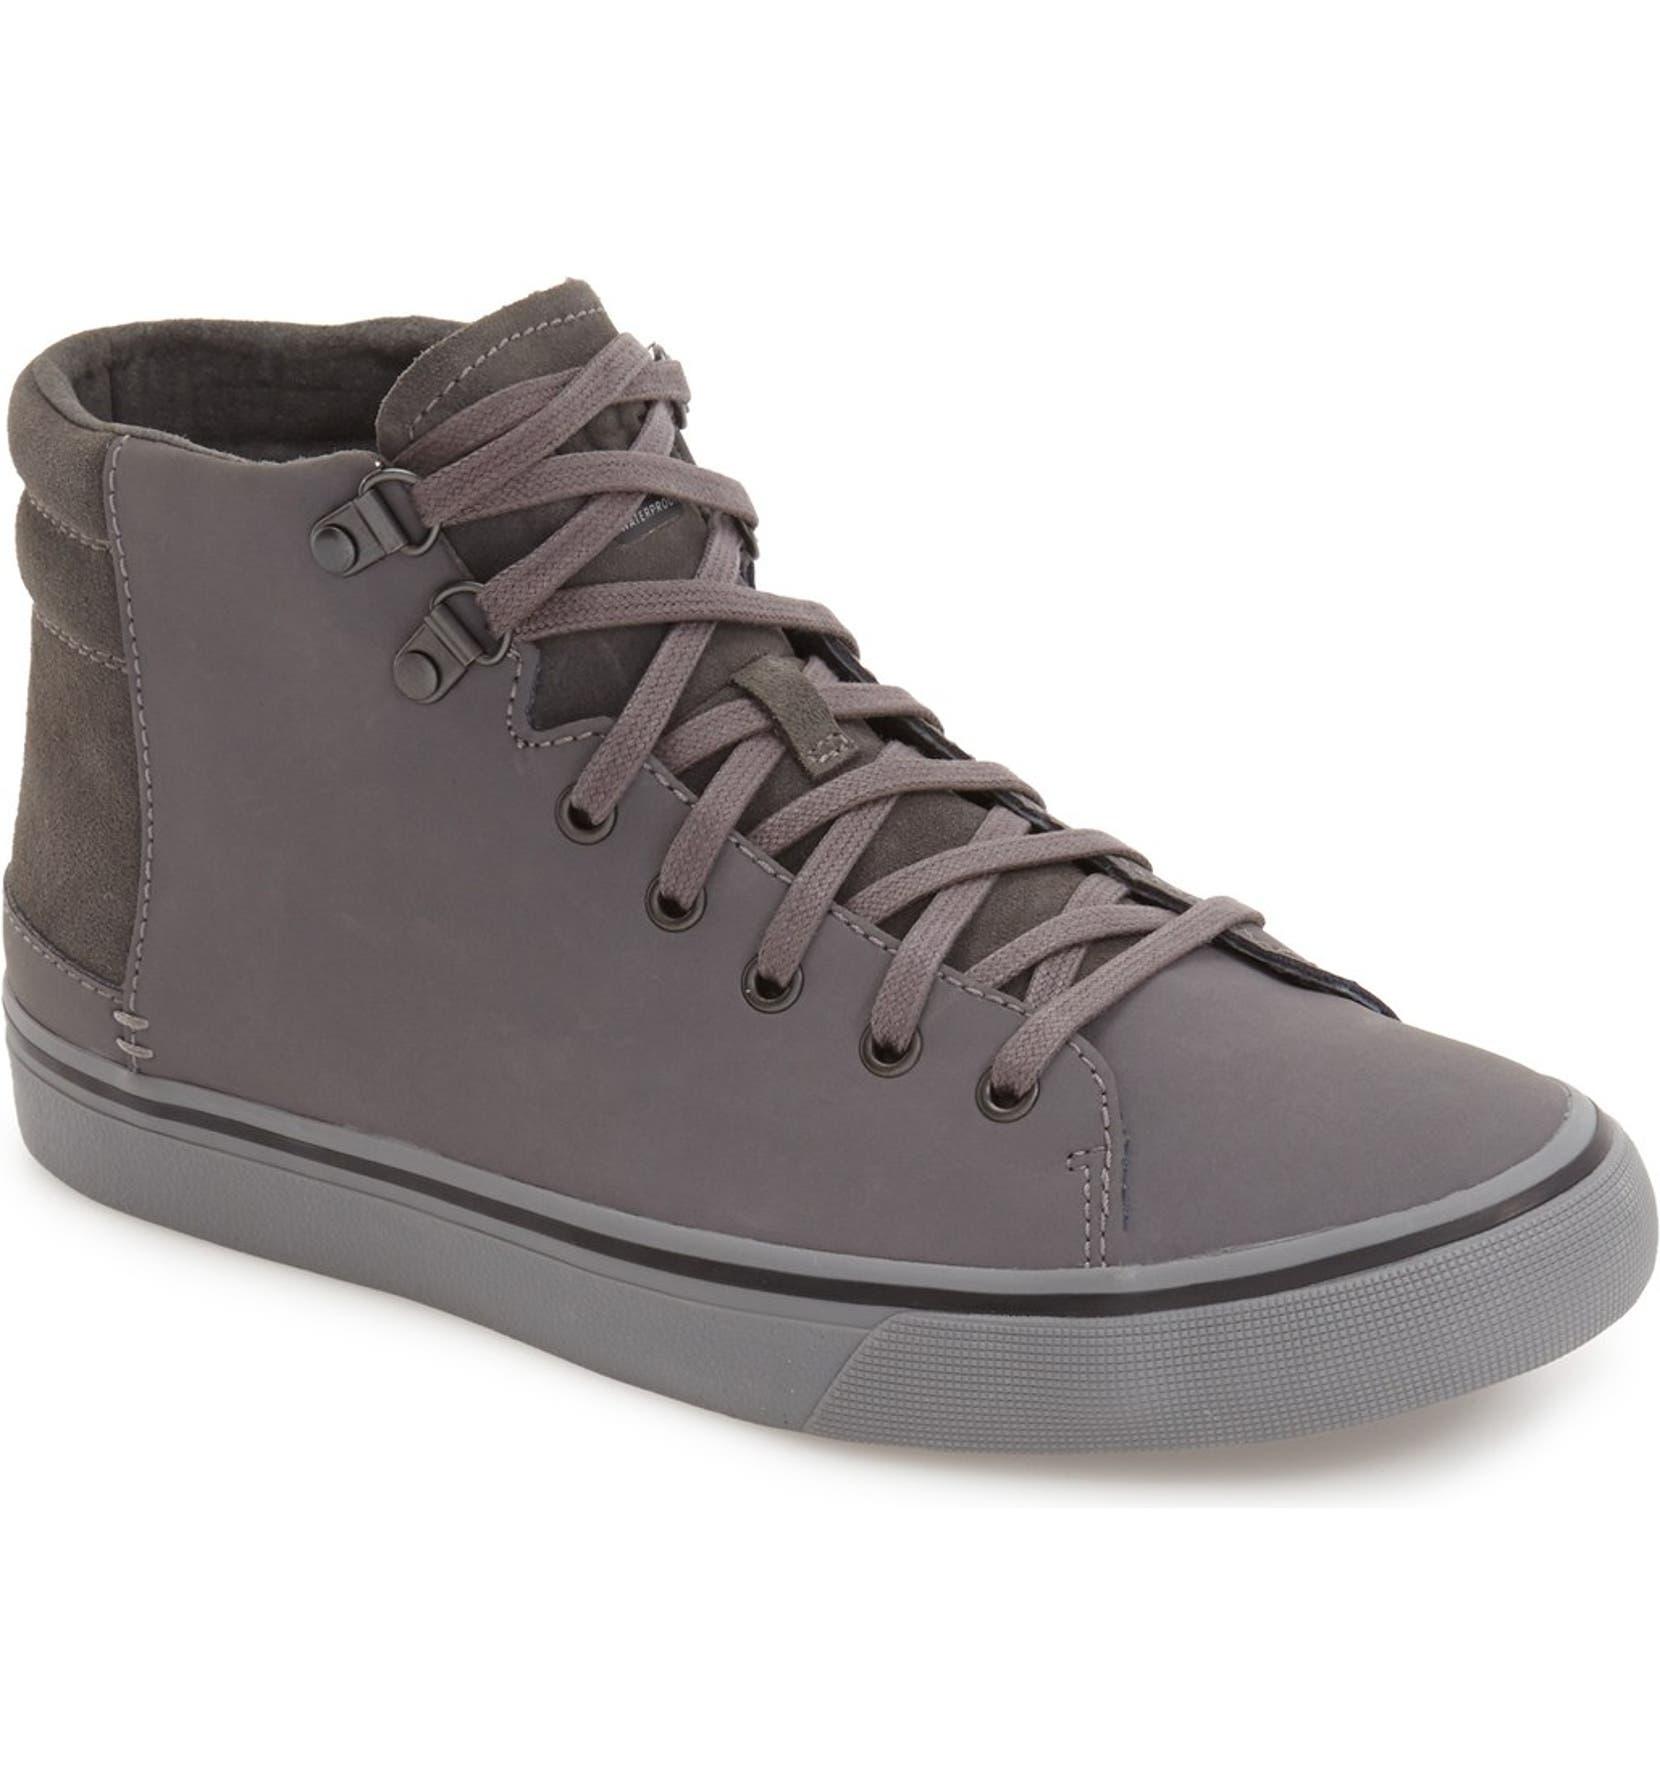 62152994690 'Hoyt' Waterproof High Top Sneaker